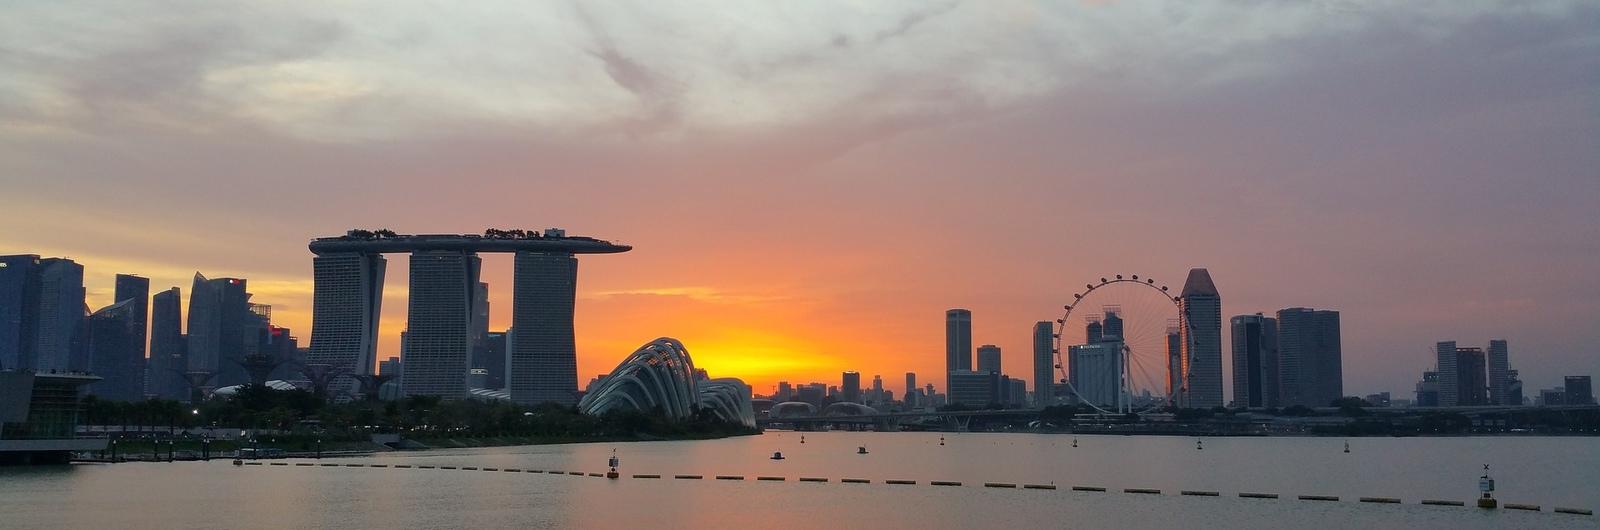 singapore city header